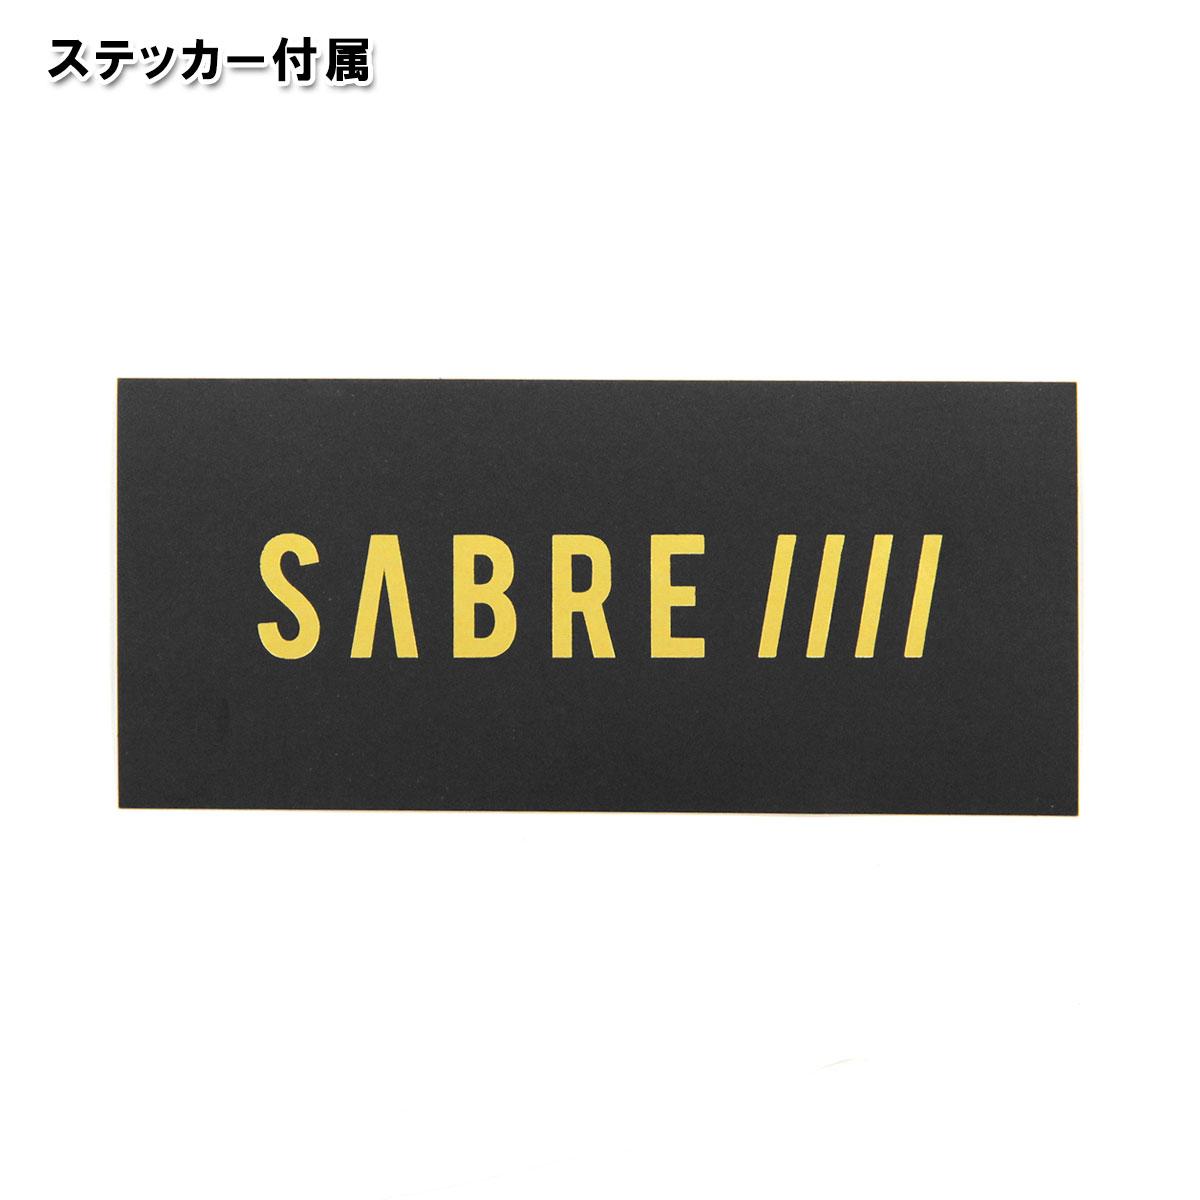 セイバー SABRE 正規販売店 サングラス めがね EL CAMINO BLACK GROSS FRAME MAROON LENS SUNGLASS SS7-508B-M-J A55B B3C C3D D1E E13F